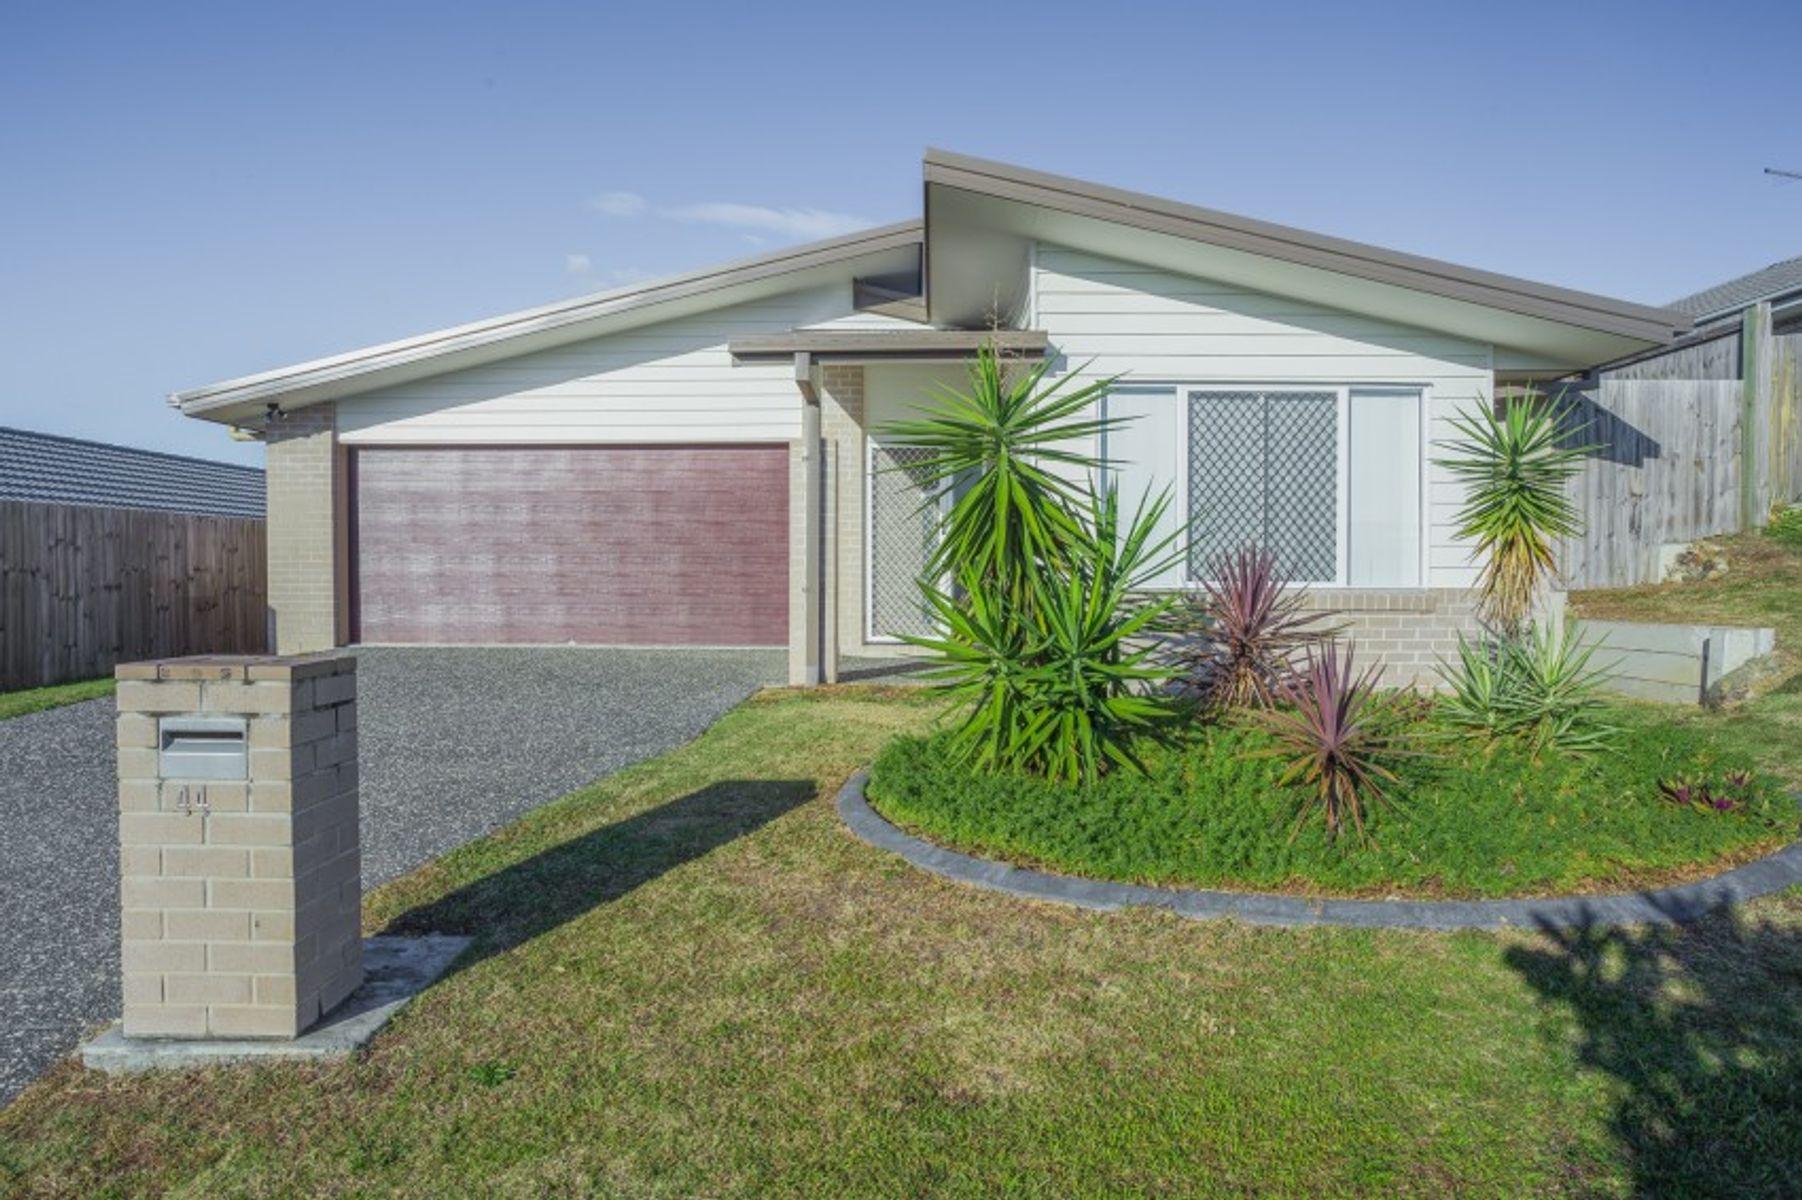 44 Edgeware Road, Pimpama, QLD 4209